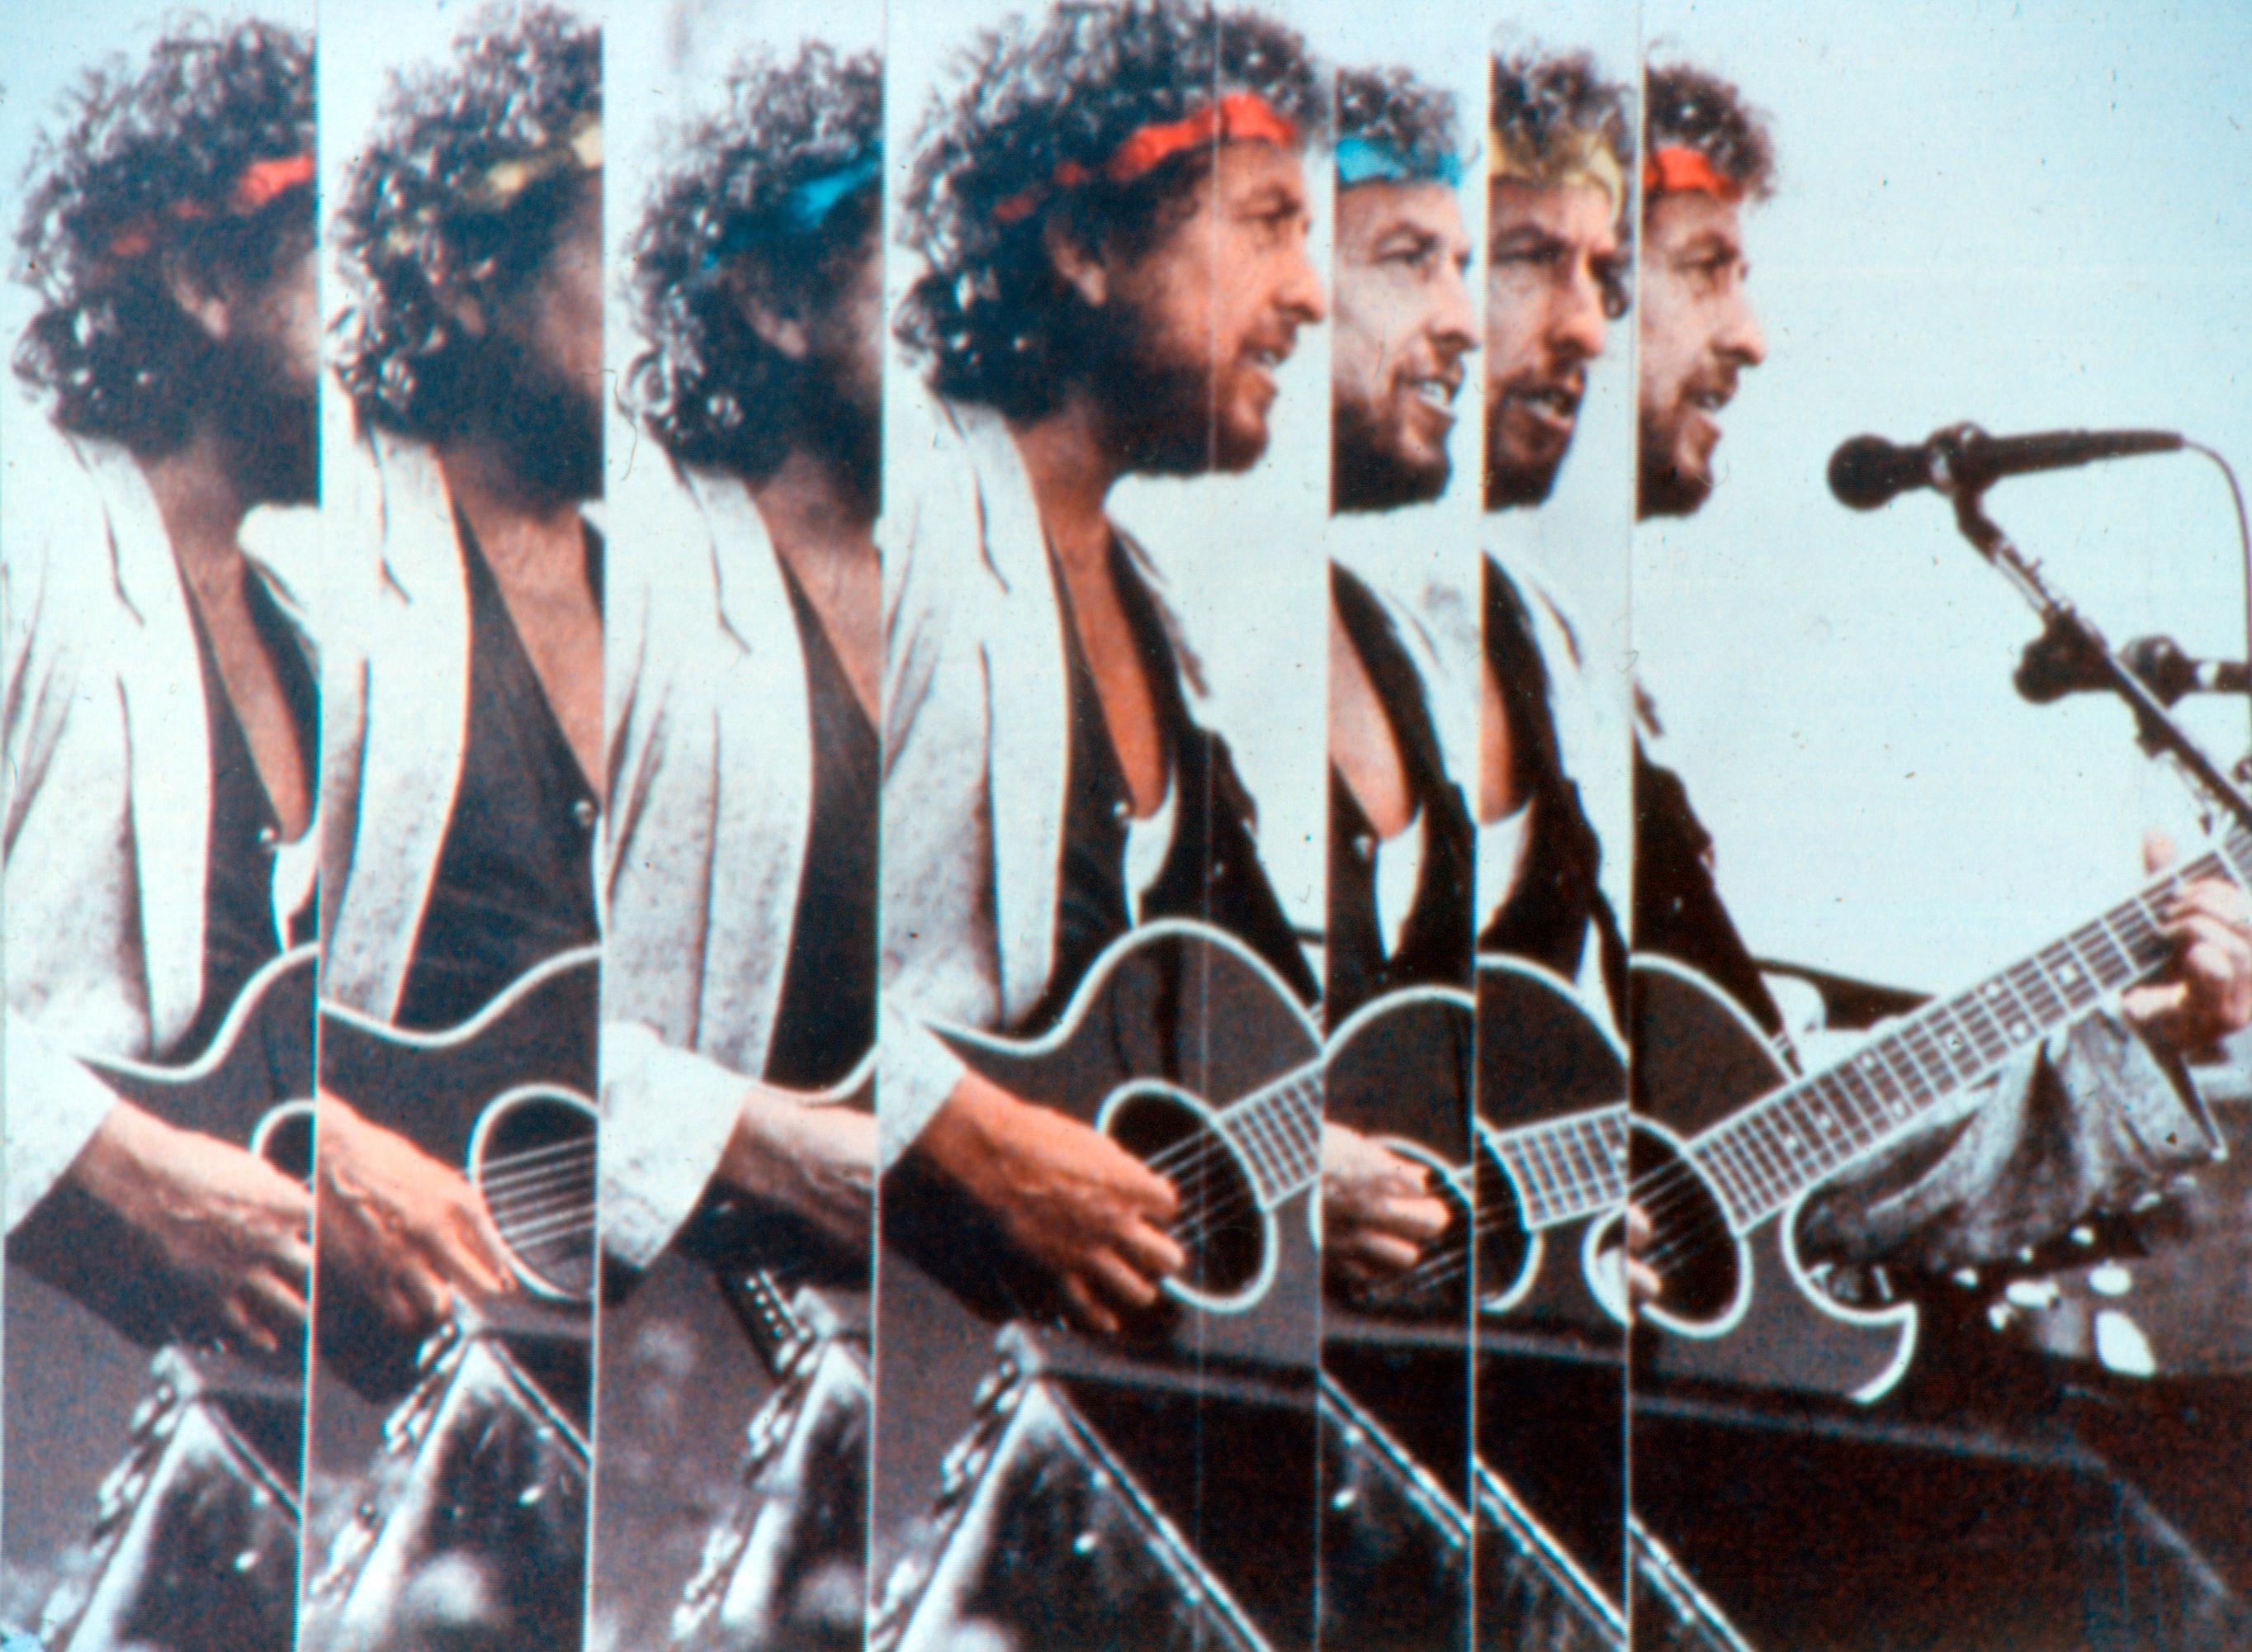 1970s ♪𝕵𝖊𝖘𝖚𝖘 Rocks♬𝕿𝖍𝖊 𝖂𝖔𝖗𝖑𝖉♪